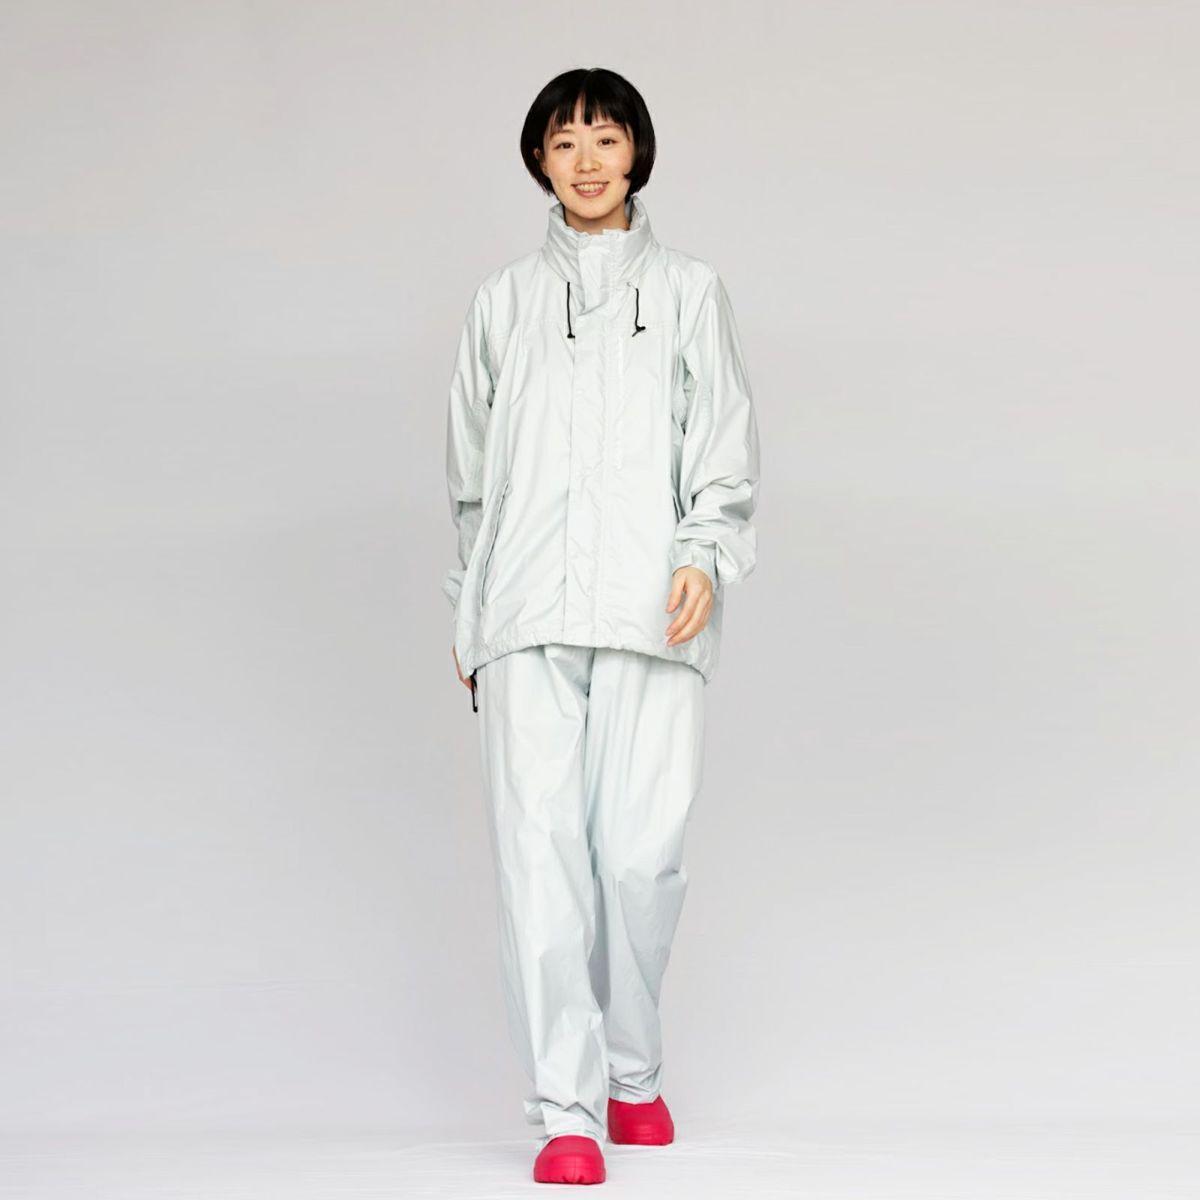 [女性モデルのサイズ]身長:168cm 着用サイズ:L